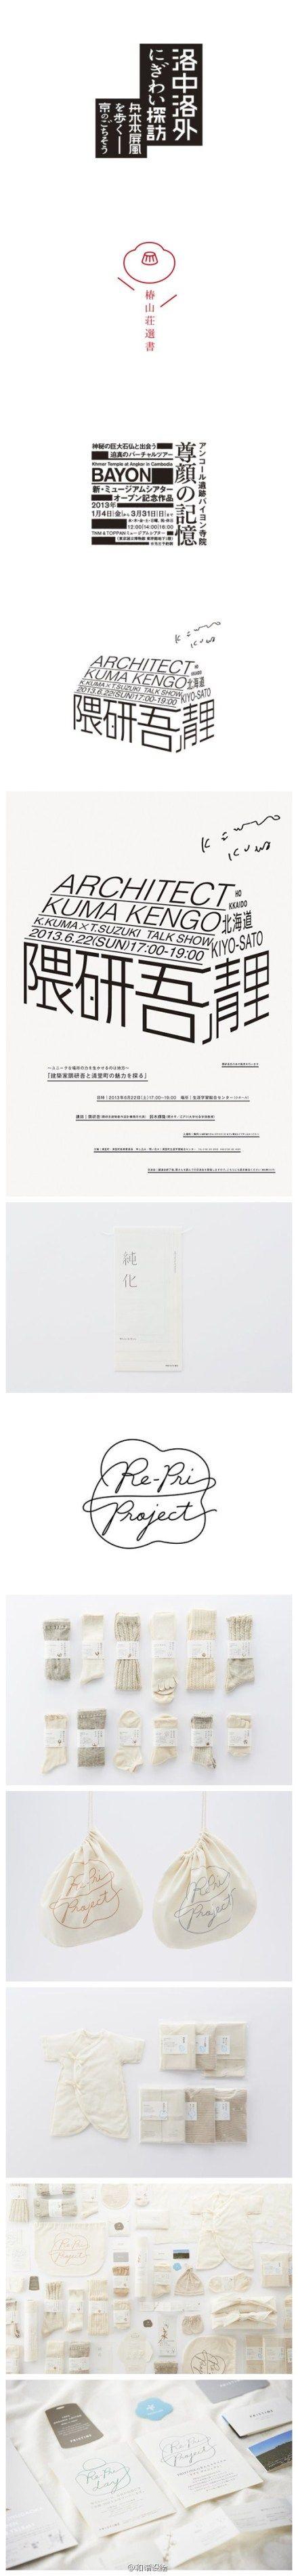 日本设计师AD+D+I大黒大悟作品